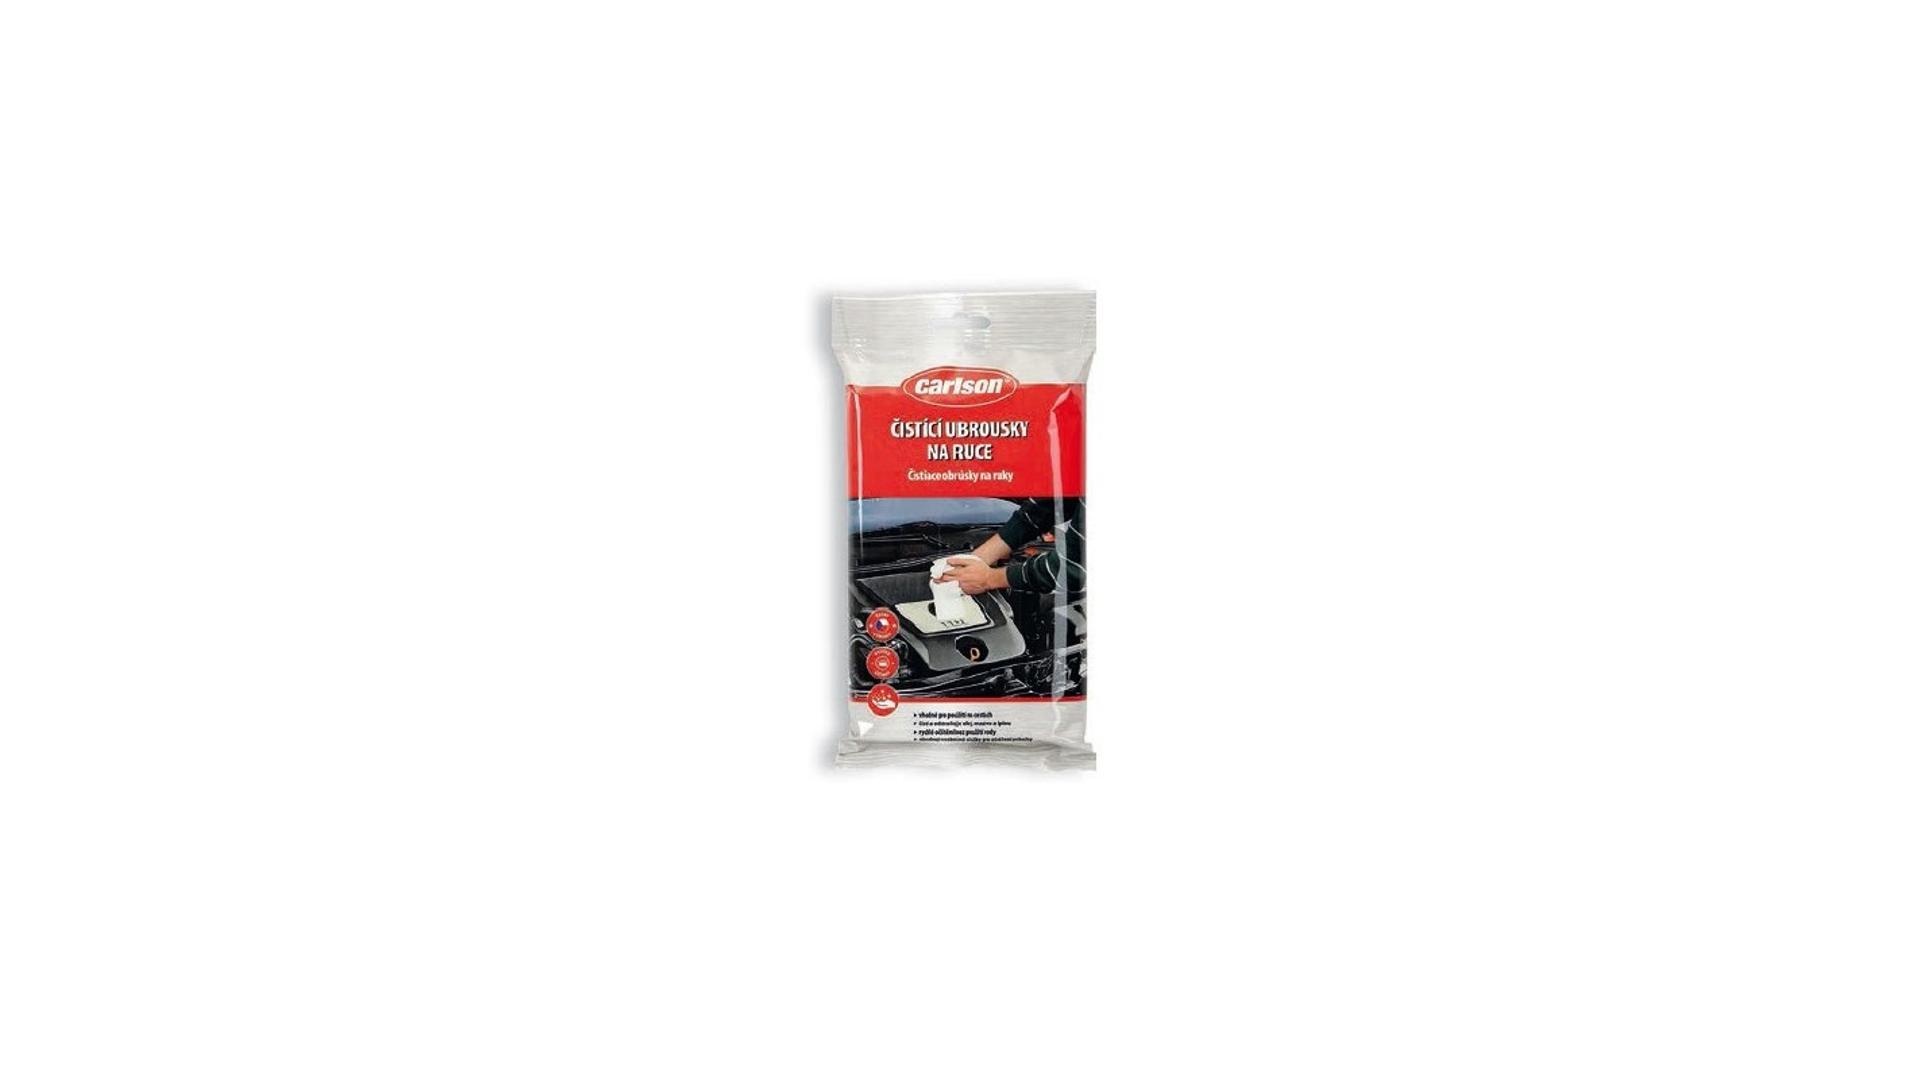 CARLSON čistiace obrousky na ruce 26 ks